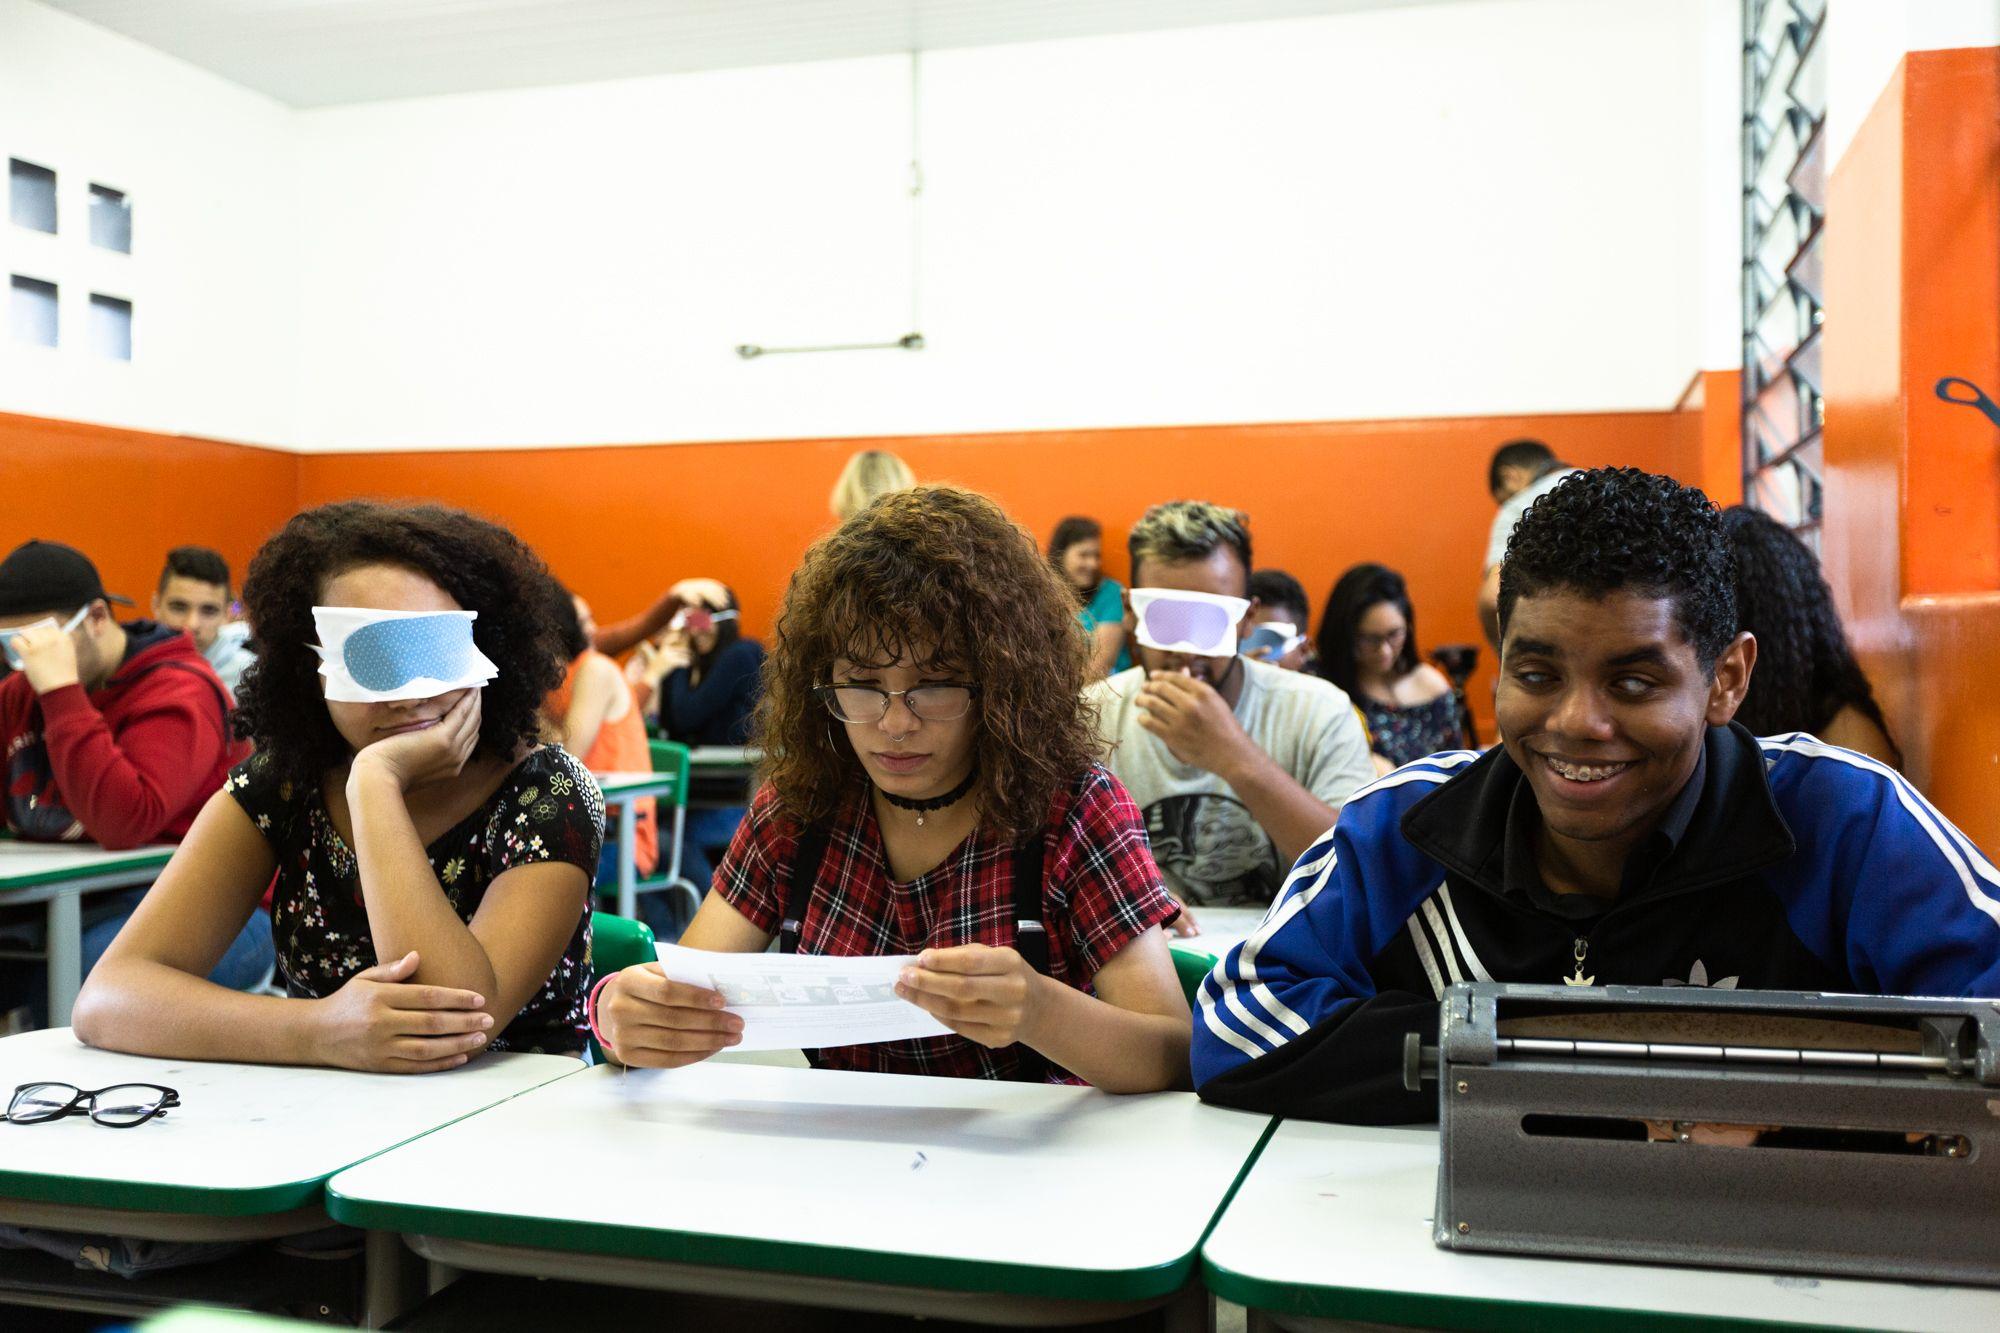 Em sala de aula, alguns estudantes estão com os olhos vendados. Em primeiro plano, aluna sentada em carteira escolar segura folha em suas mãos. Ao seu lado, estudante co deficiência visual sorri. Sobre a sua carteira está uma máquina de escrever em braile.